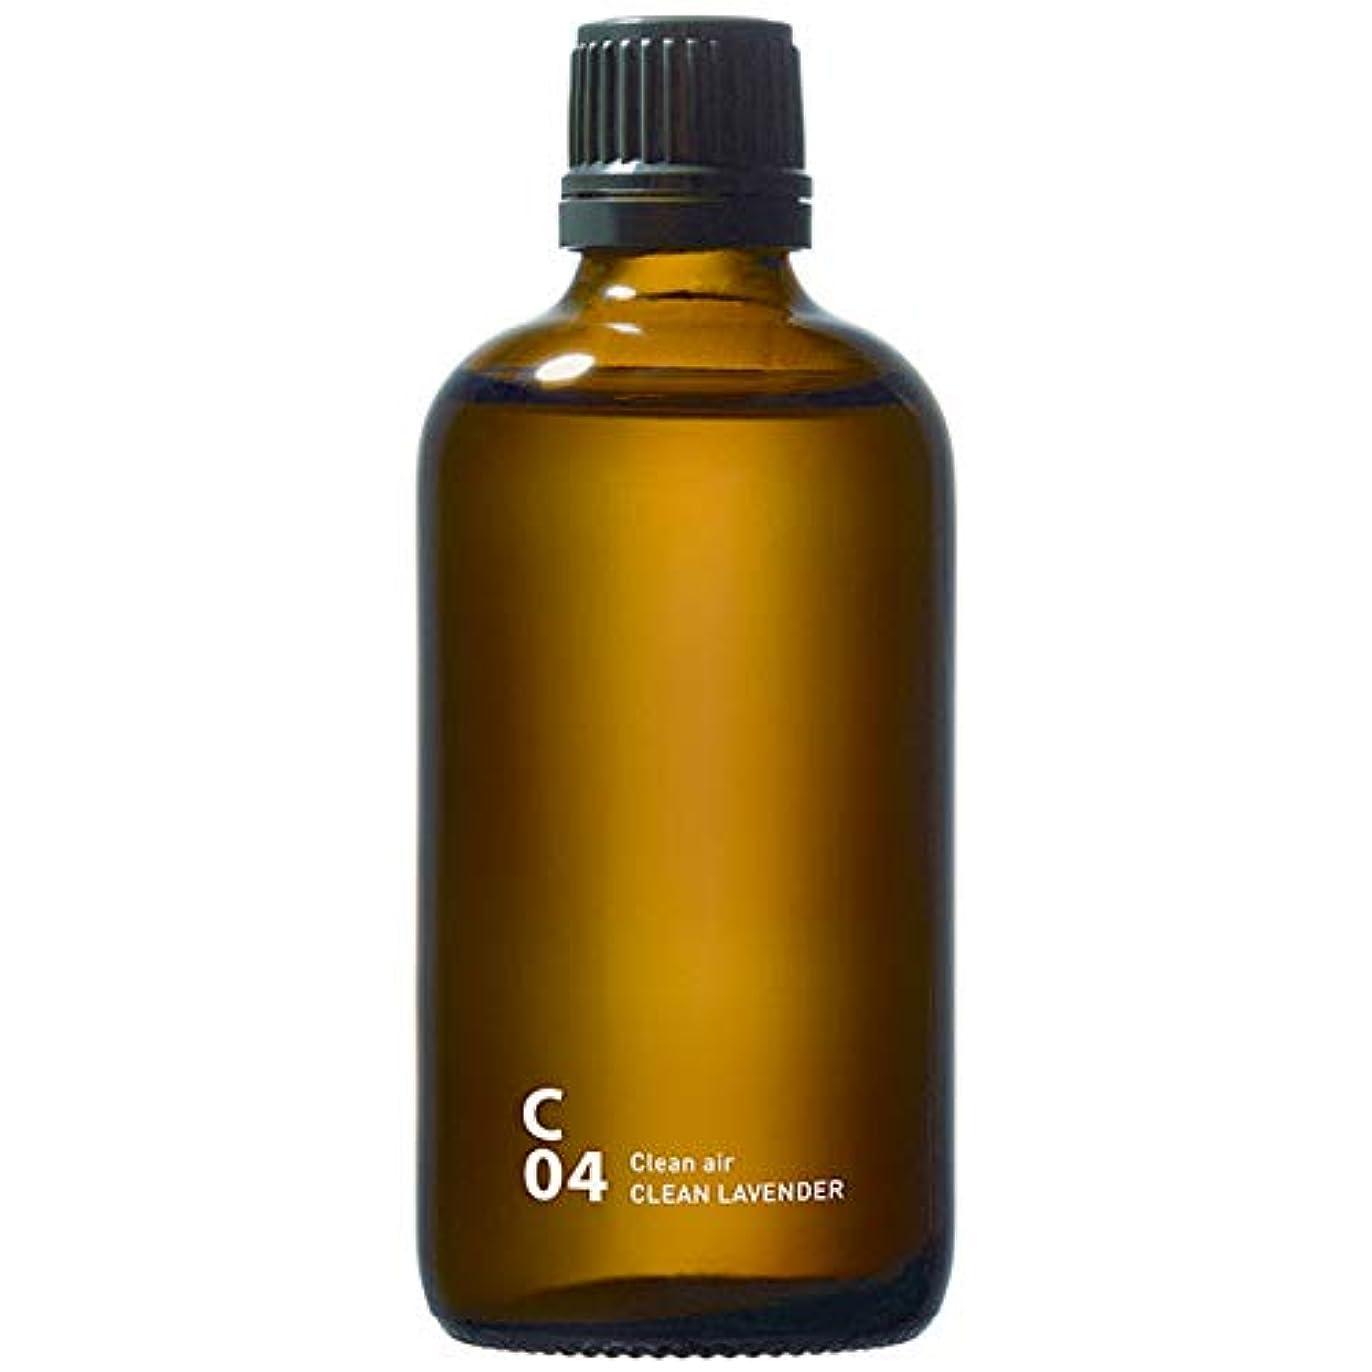 コスト偶然蒸発C04 CLEAN LAVENDER piezo aroma oil 100ml